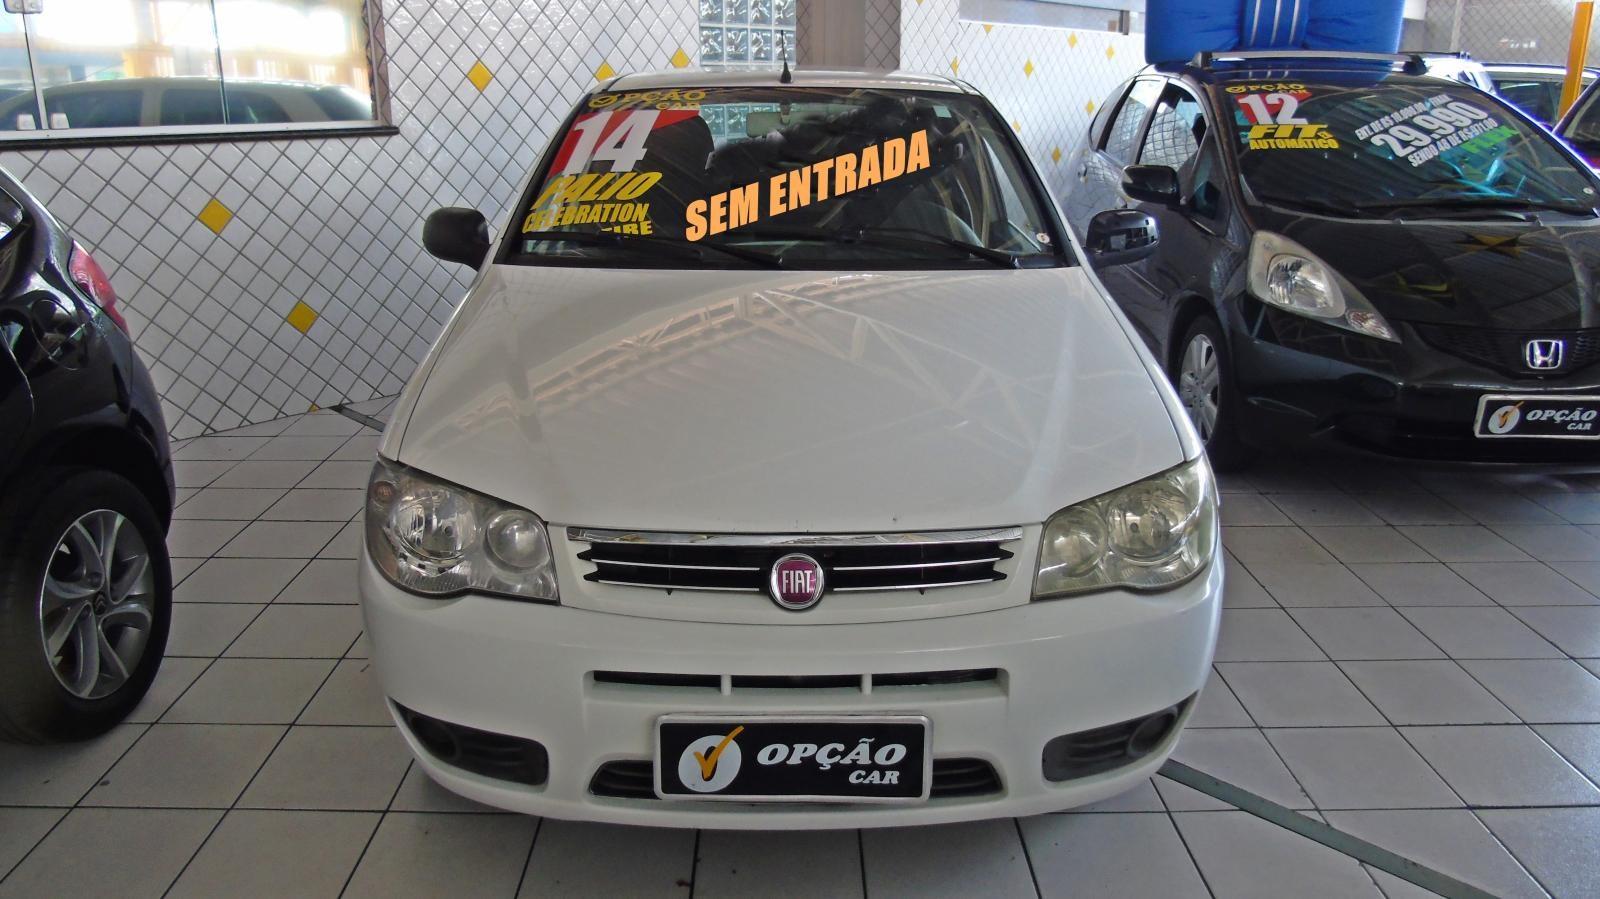 //www.autoline.com.br/carro/fiat/palio-10-fire-economy-8v-flex-2p-manual/2014/sao-paulo-sp/12627629